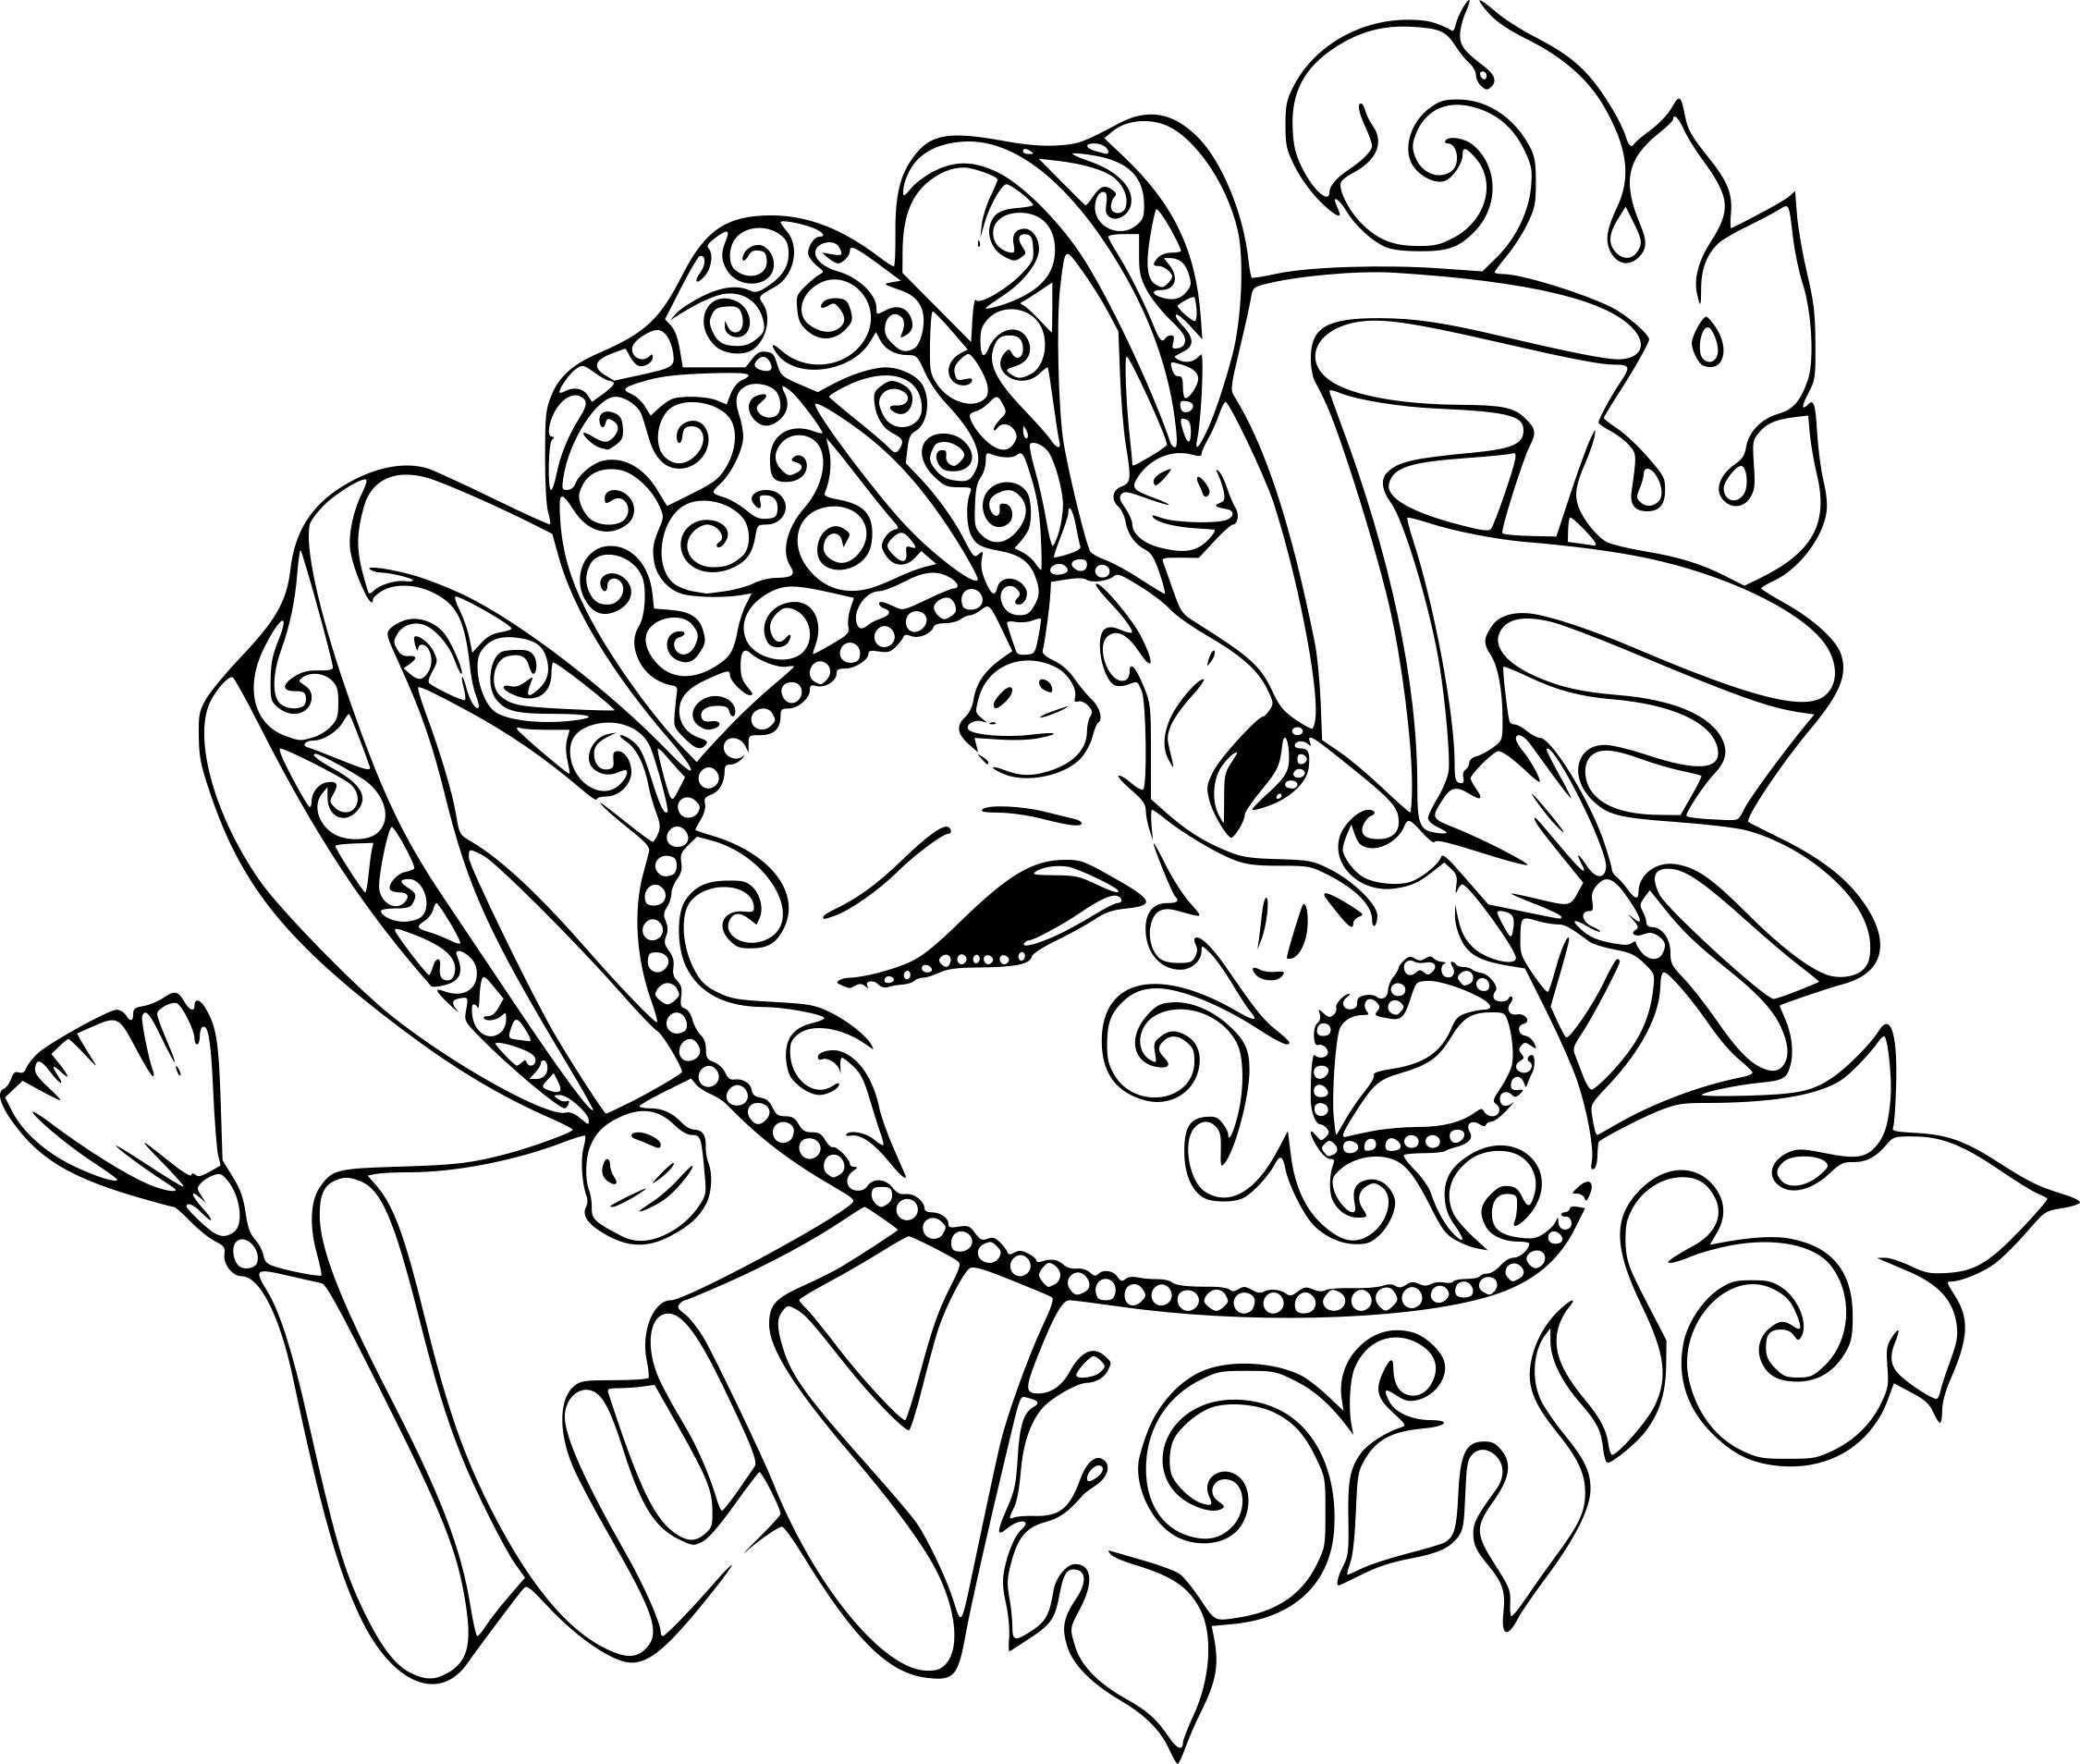 Coloriage Carnaval Rio À Imprimer Sur Coloriages pour Coloriage Carnaval A Imprimer Gratuit